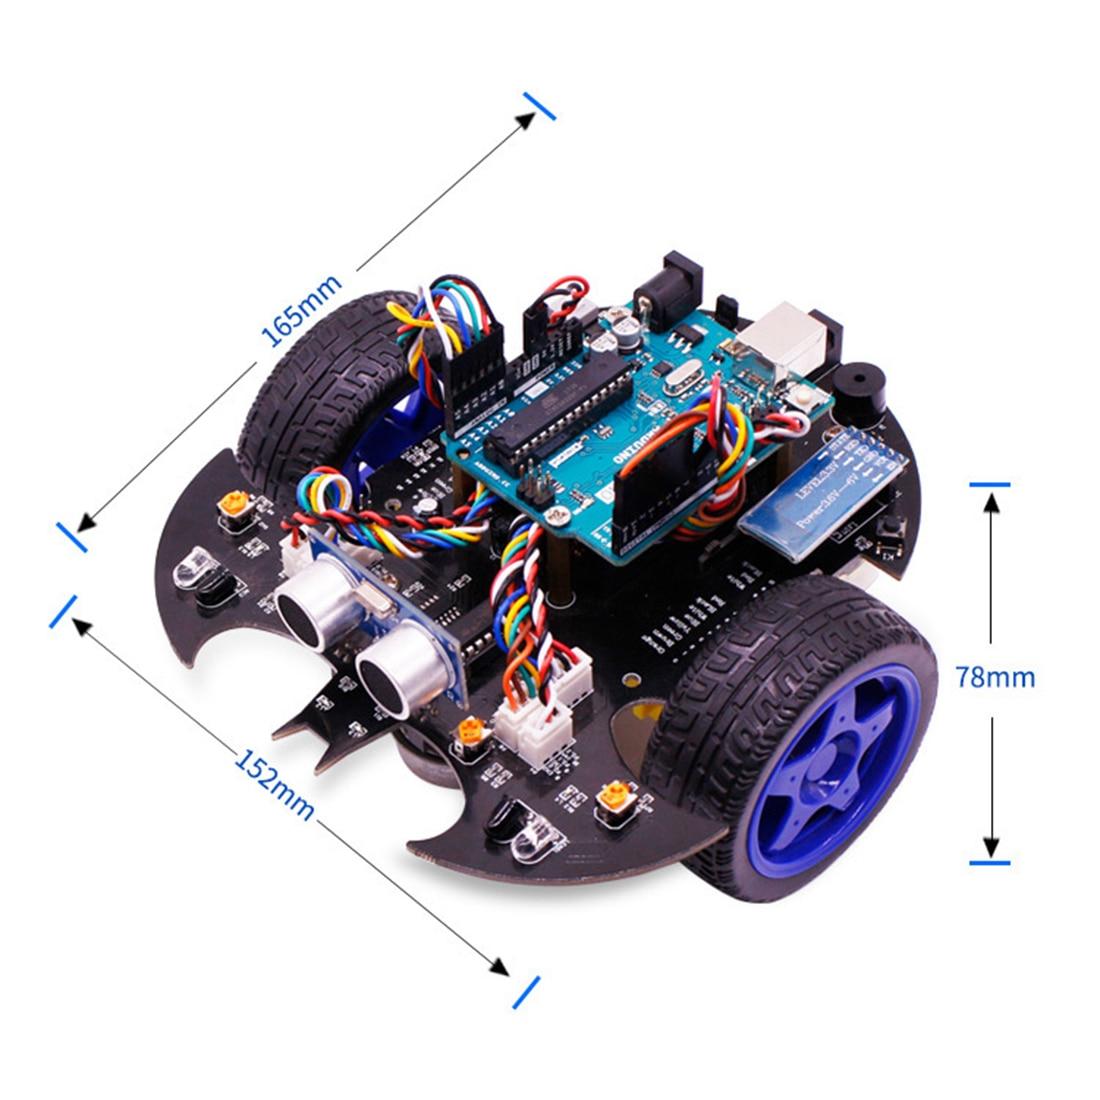 Kit de vapeur modèle de démarreur de voiture Robot intelligent Bat avec tutoriel jouet de tige électronique éducatif pour Arduino comprend carte mère R3 - 2